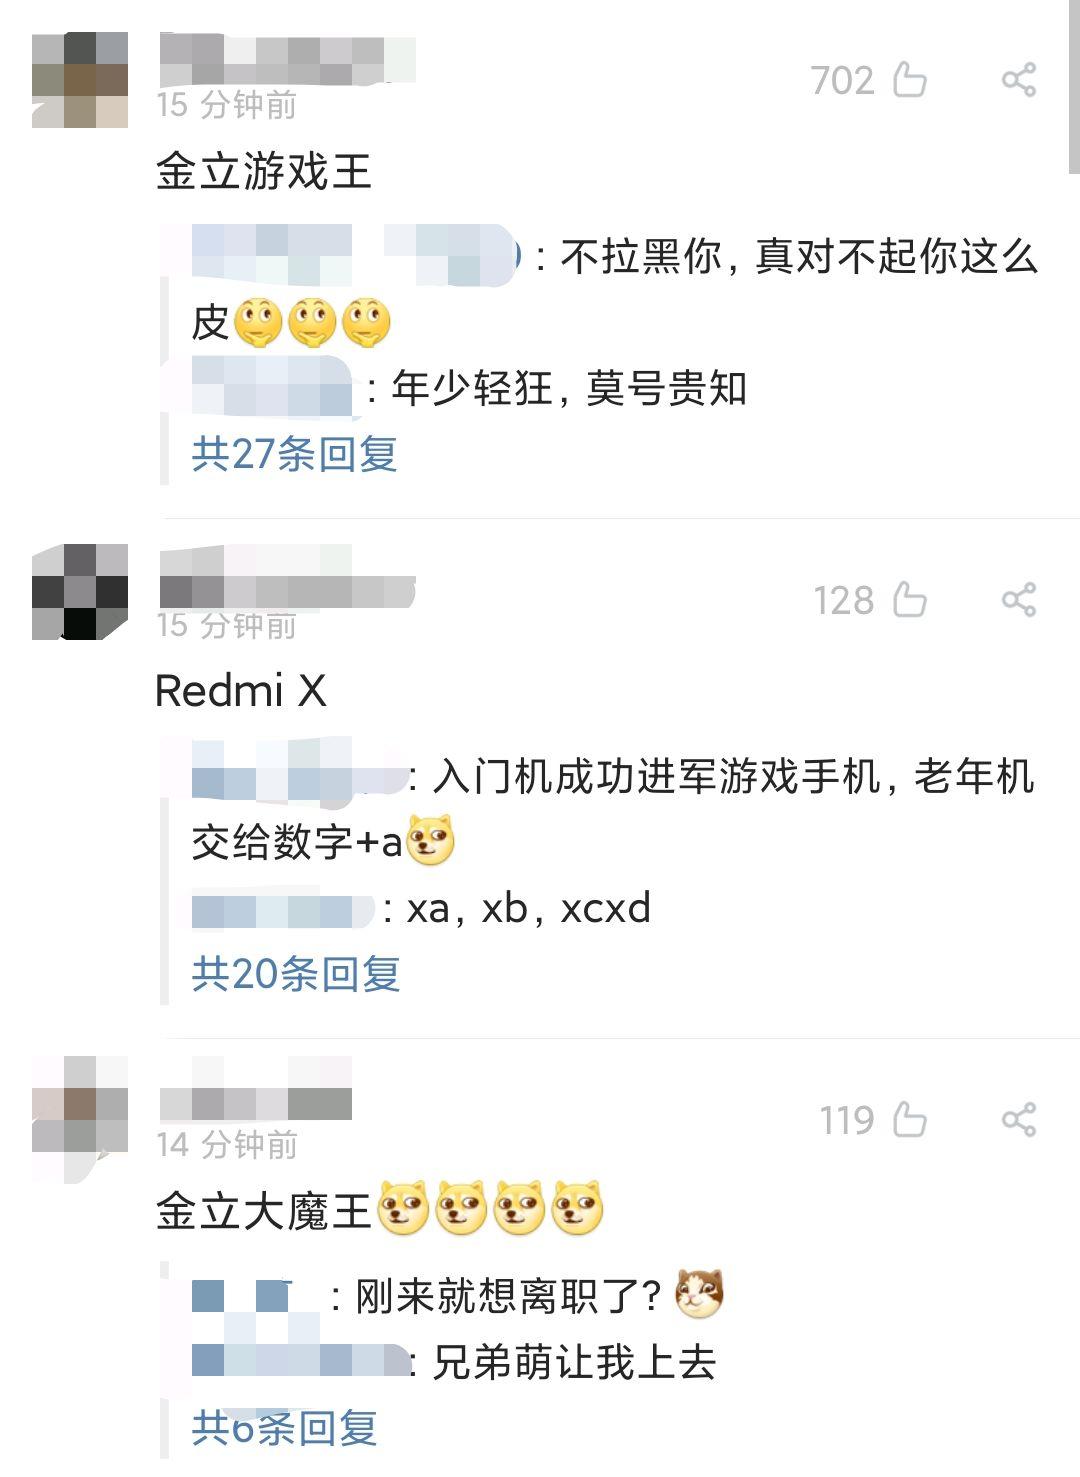 卢伟冰发博询问新游戏手机怎么命名?网友1个答案让评论炸了